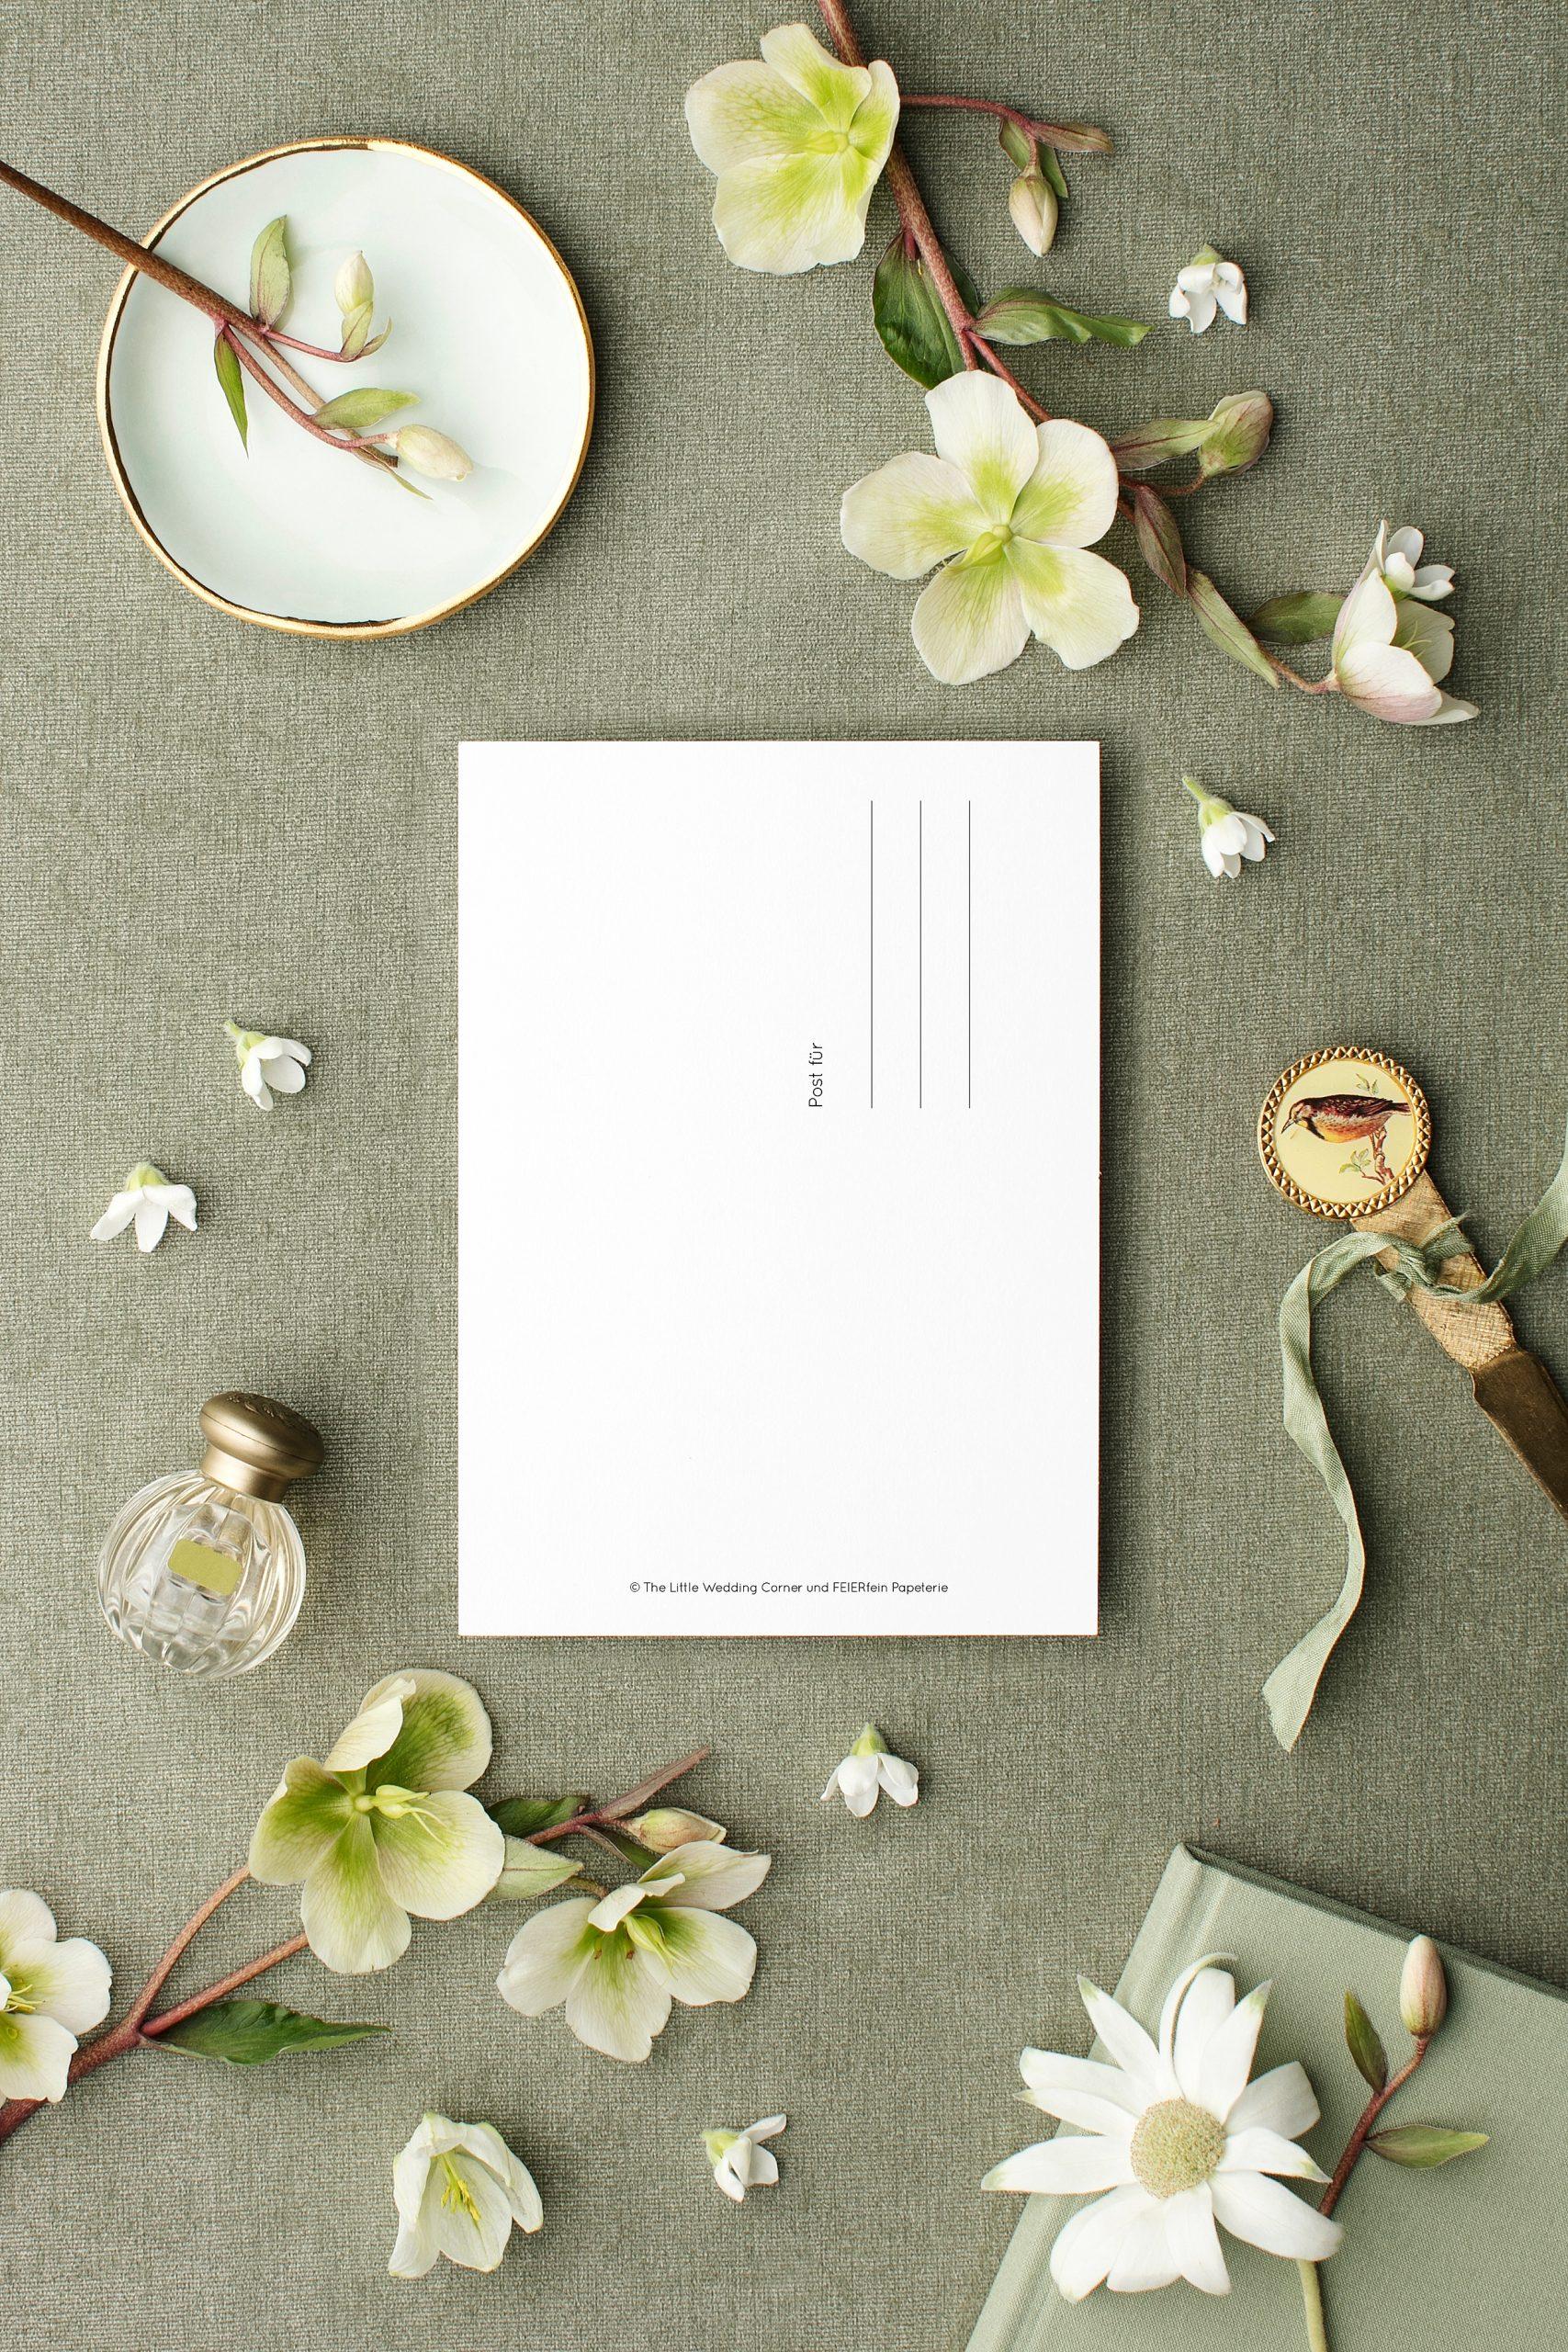 Change the Date Karte Hochzeit als Download wenn Hochzeit verschieben wegen Corona, Mustertext Hochzeit verschieben Corona, Textvorlage Hochzeit verschieben Corona